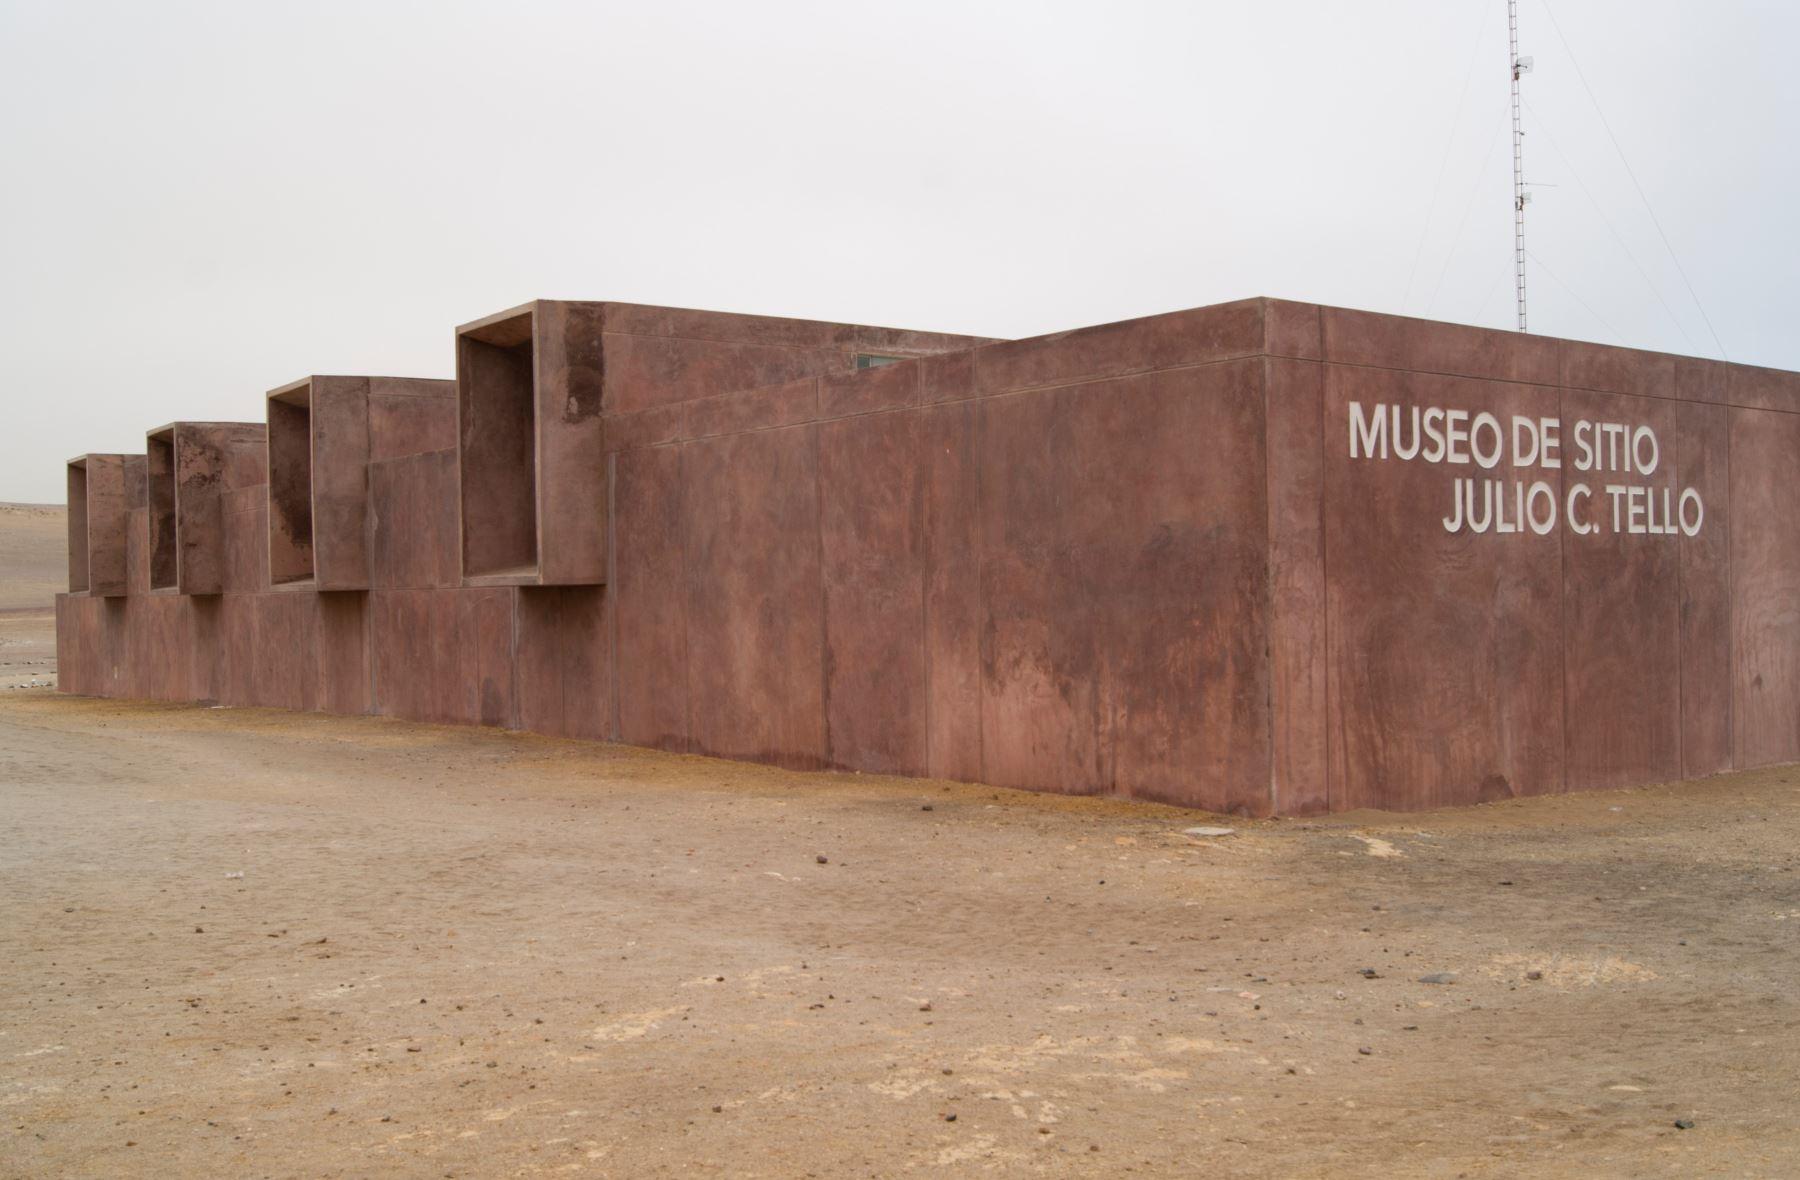 El Ministerio de Cultura dispuso el ingreso libre al Museo de Sitio Julio C. Tello de Paracas, para el próximo 16 de agosto, al conmemorarse en esa fecha el 54° aniversario de su inauguración, ocurrida en 1964, así como para fomentar el acceso de la población a la cultura. ANDINA/archivo